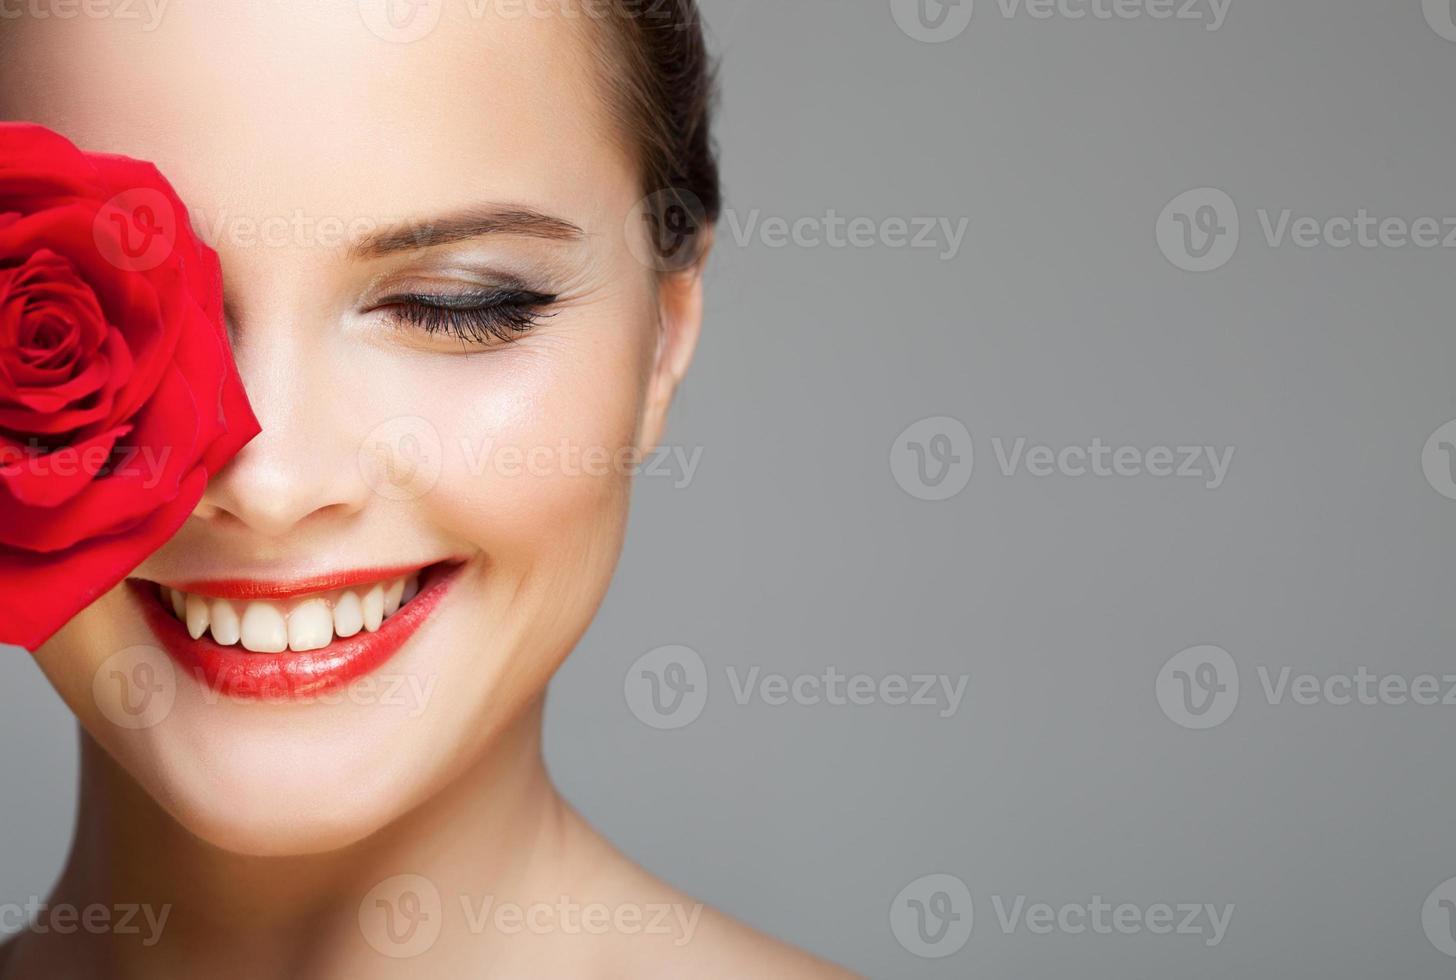 närbild porträtt av vackra leende kvinna med röd ros. foto